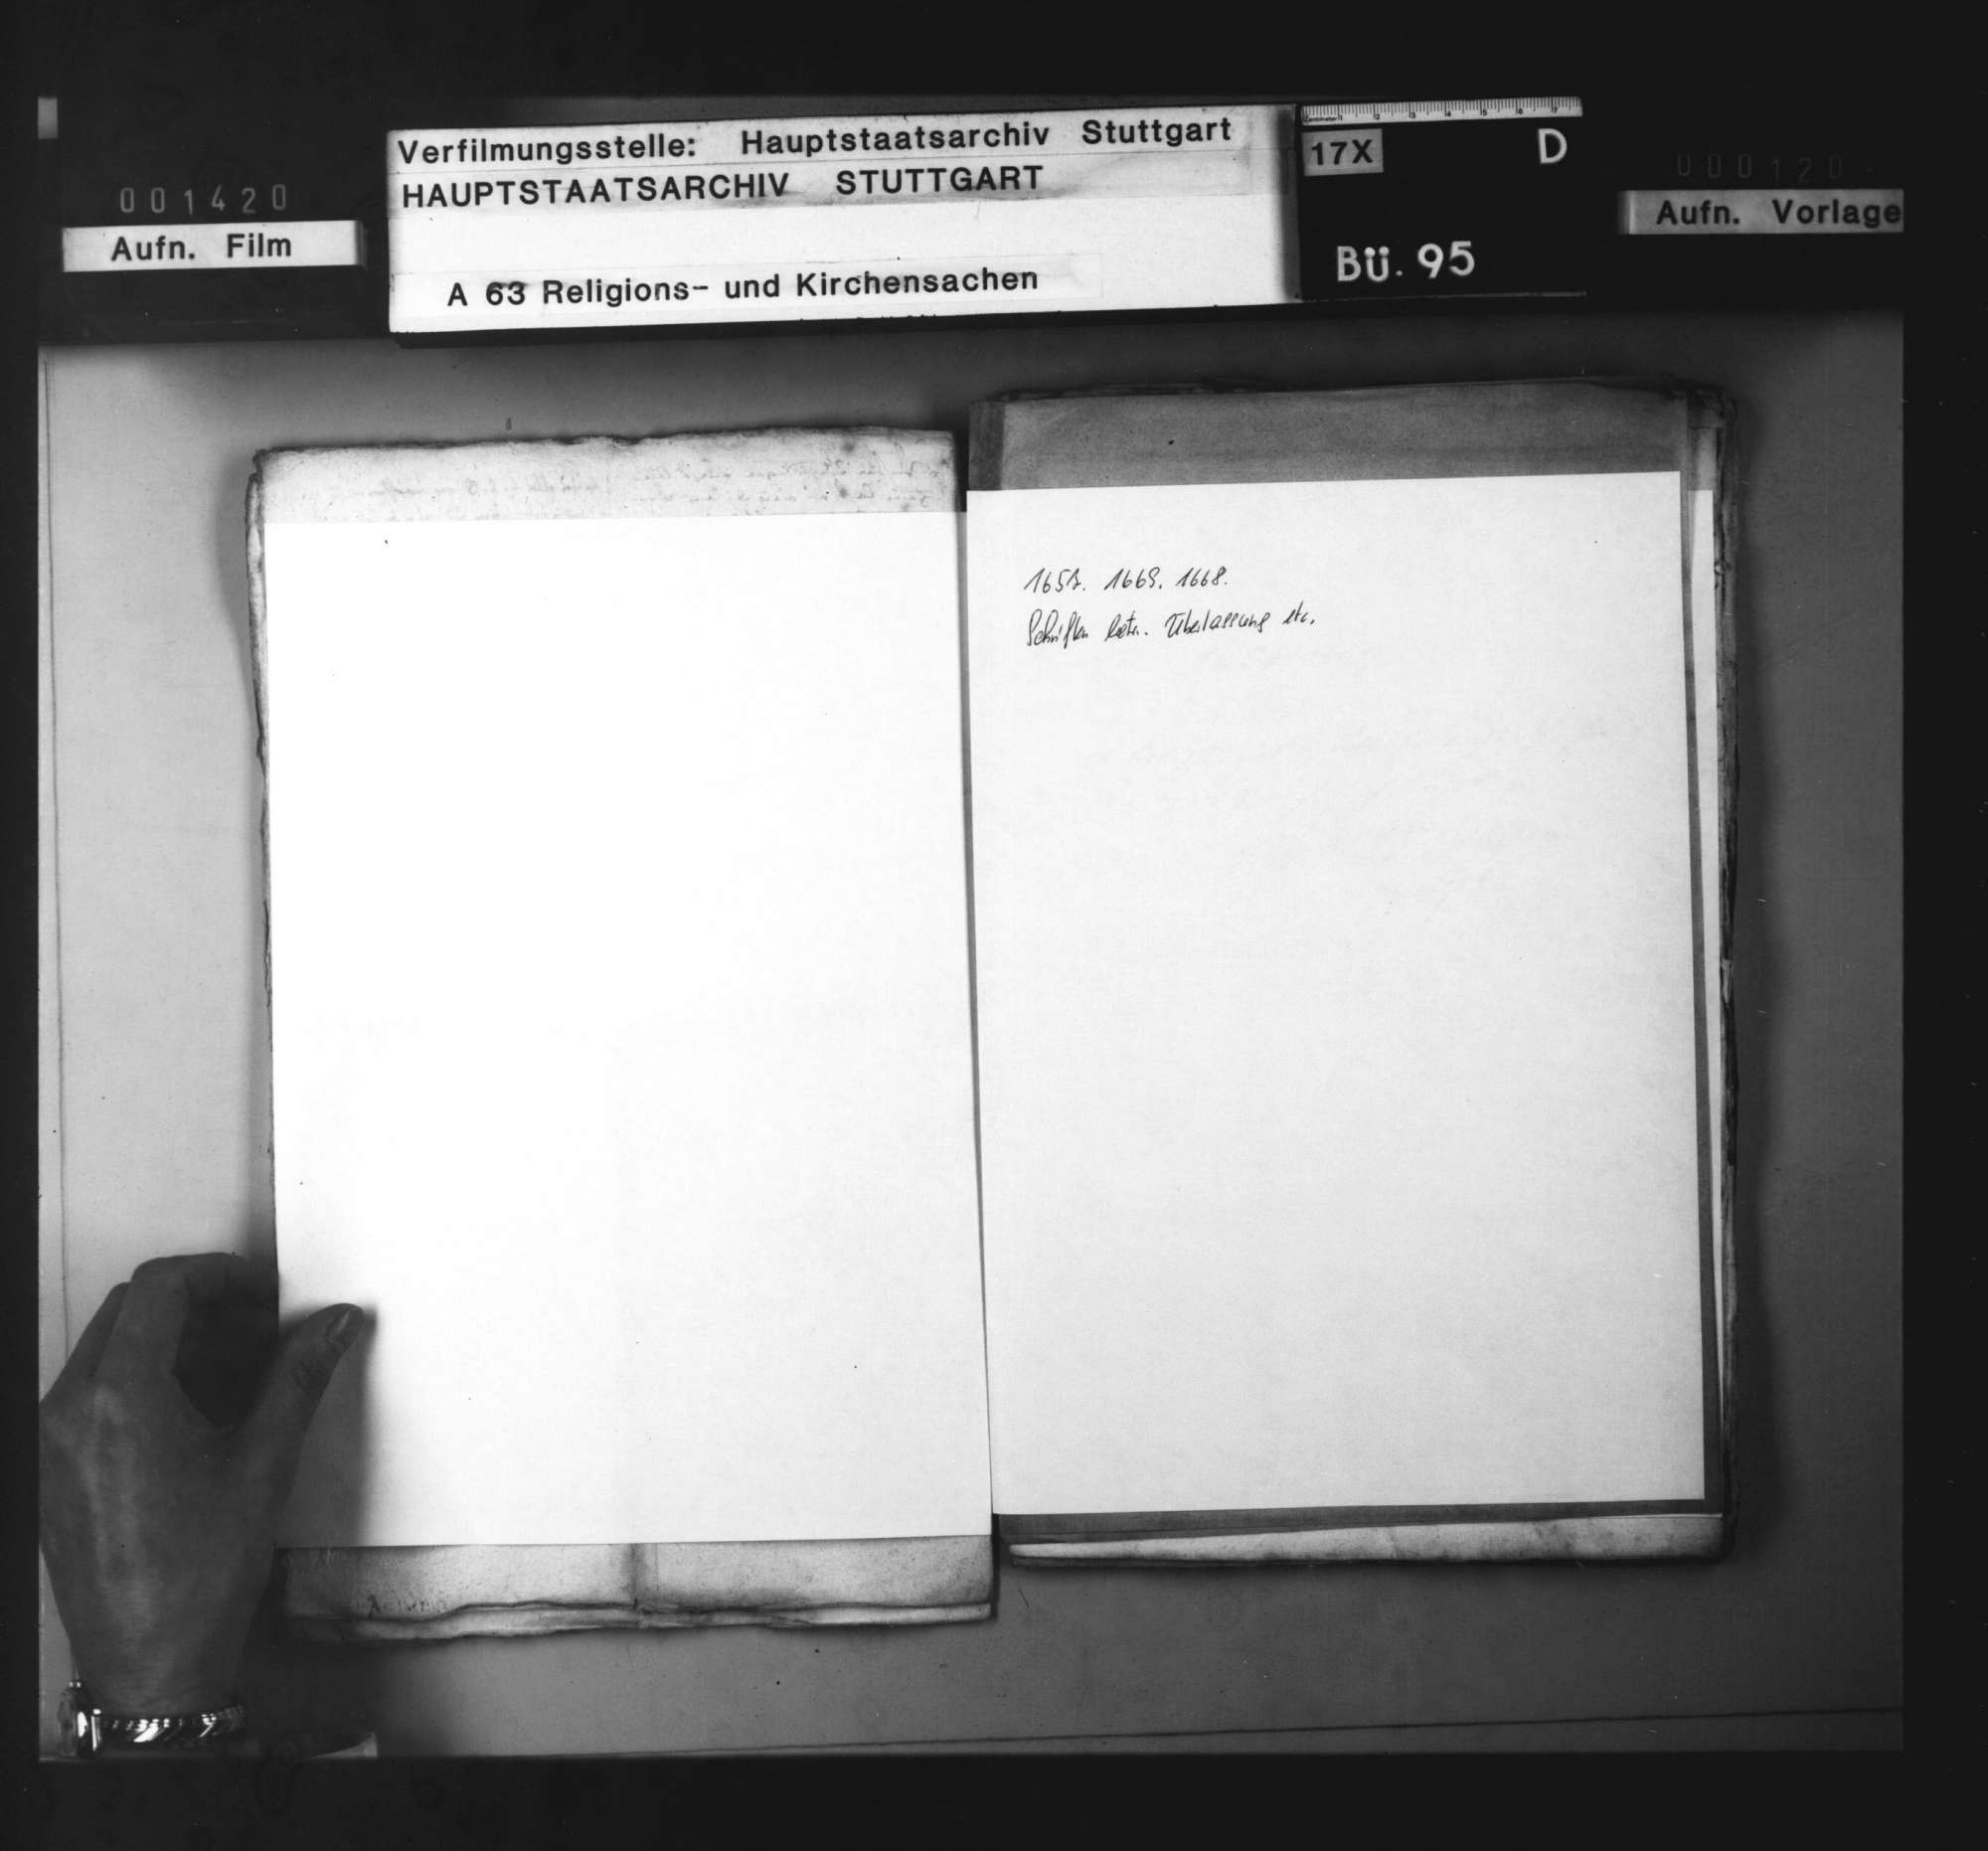 Schriften betreffend die Überlassung von Geistlichen nach Augsburg und nach Stockholm., Bild 1